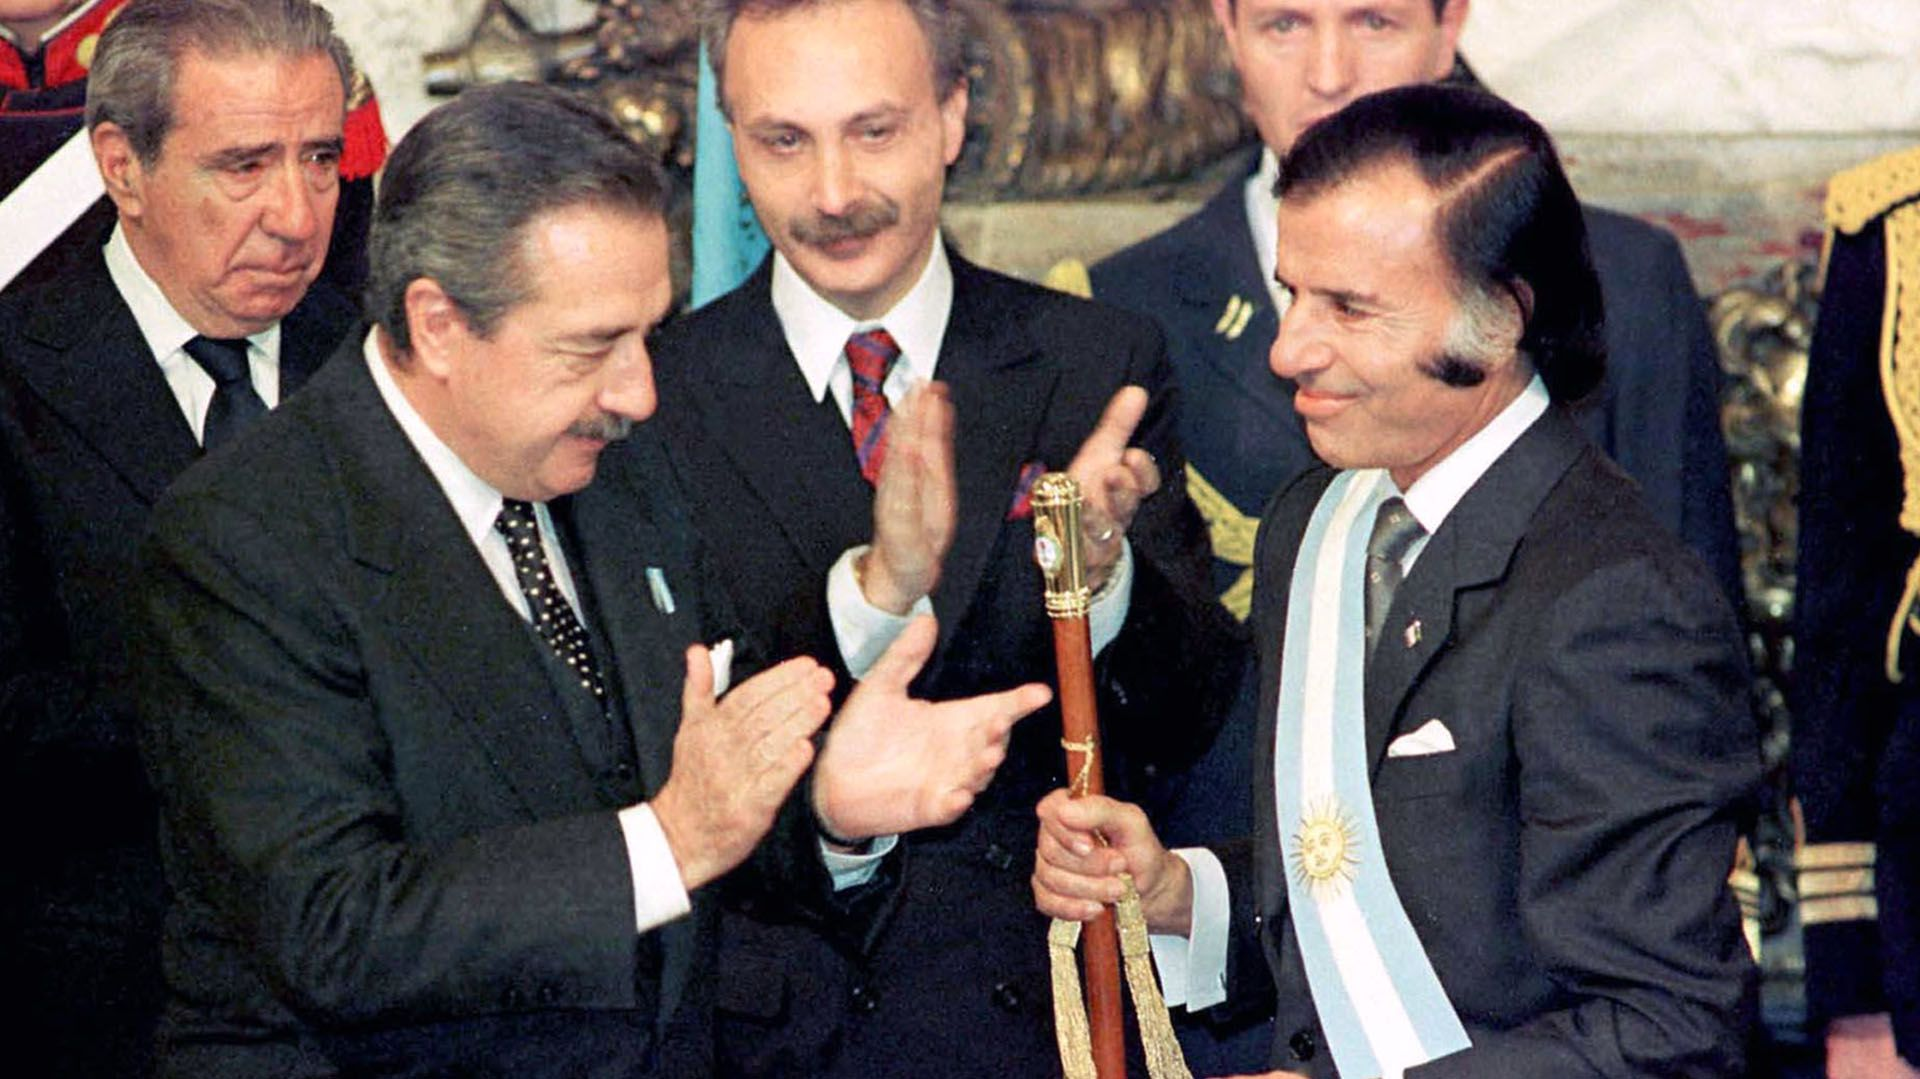 Raúl Alfonsín entrega la banda y el bastón presidencial a Carlos Menem, que llegó antes al gobierno por la crisis institucional que demolió a la administración radical